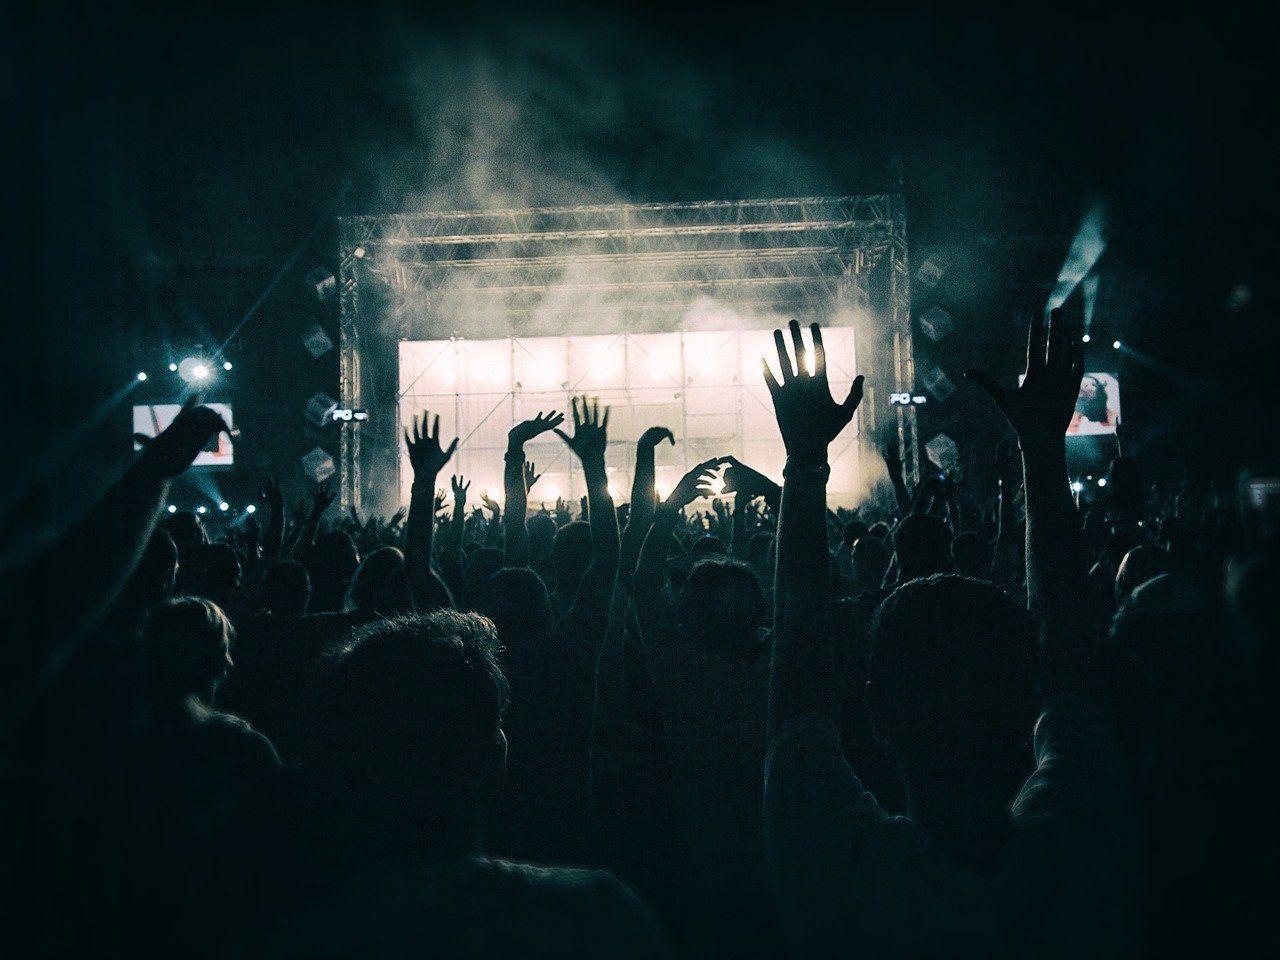 Žmonės lškėlę rankas koncerte